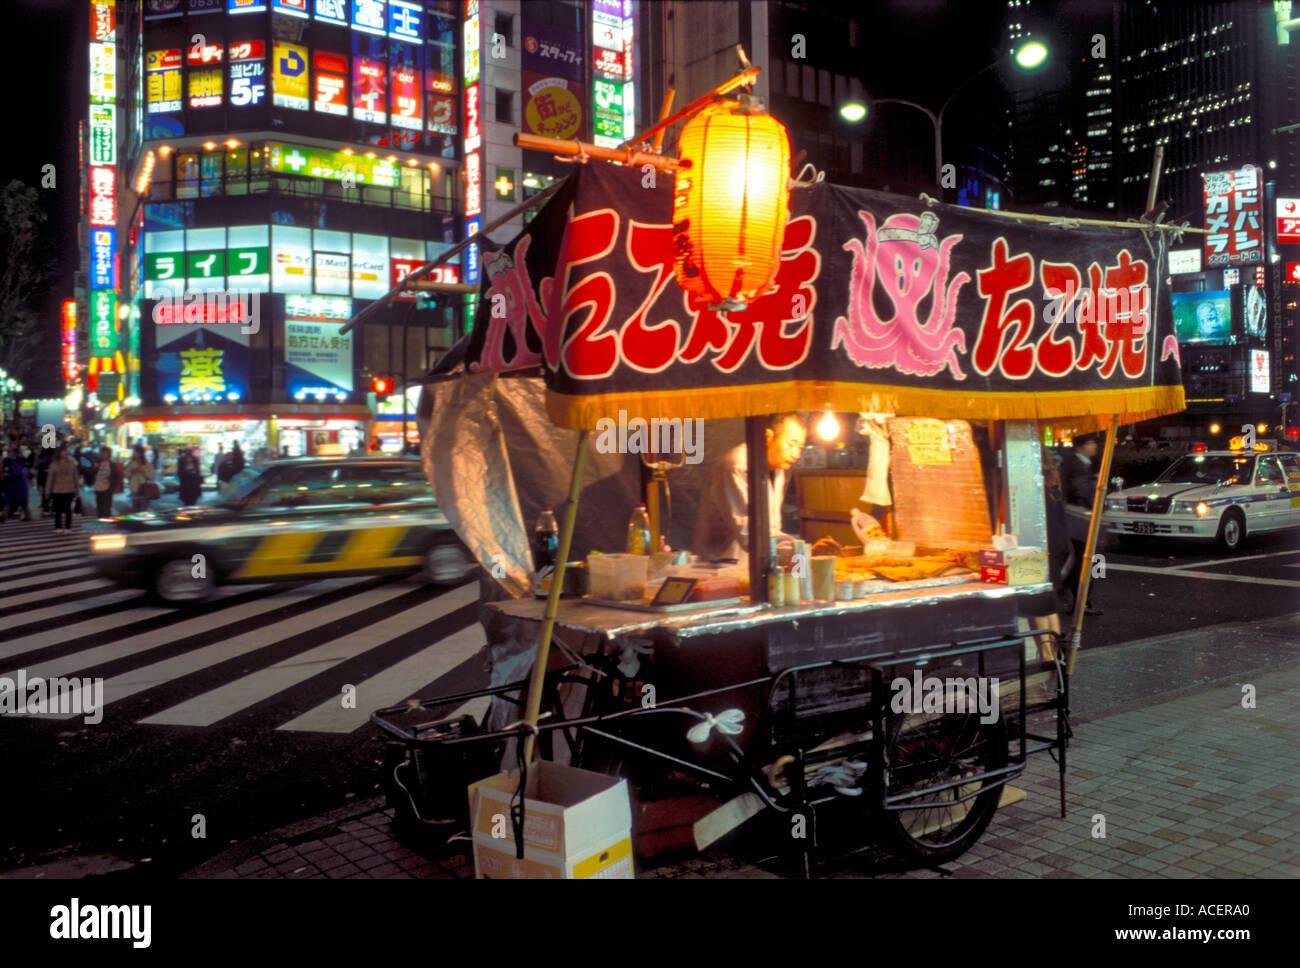 Warenkorb Verkauf Takoyaki Krake Kugeln an Straßenecke in der Innenstadt von Tokio in der Nacht Stockbild